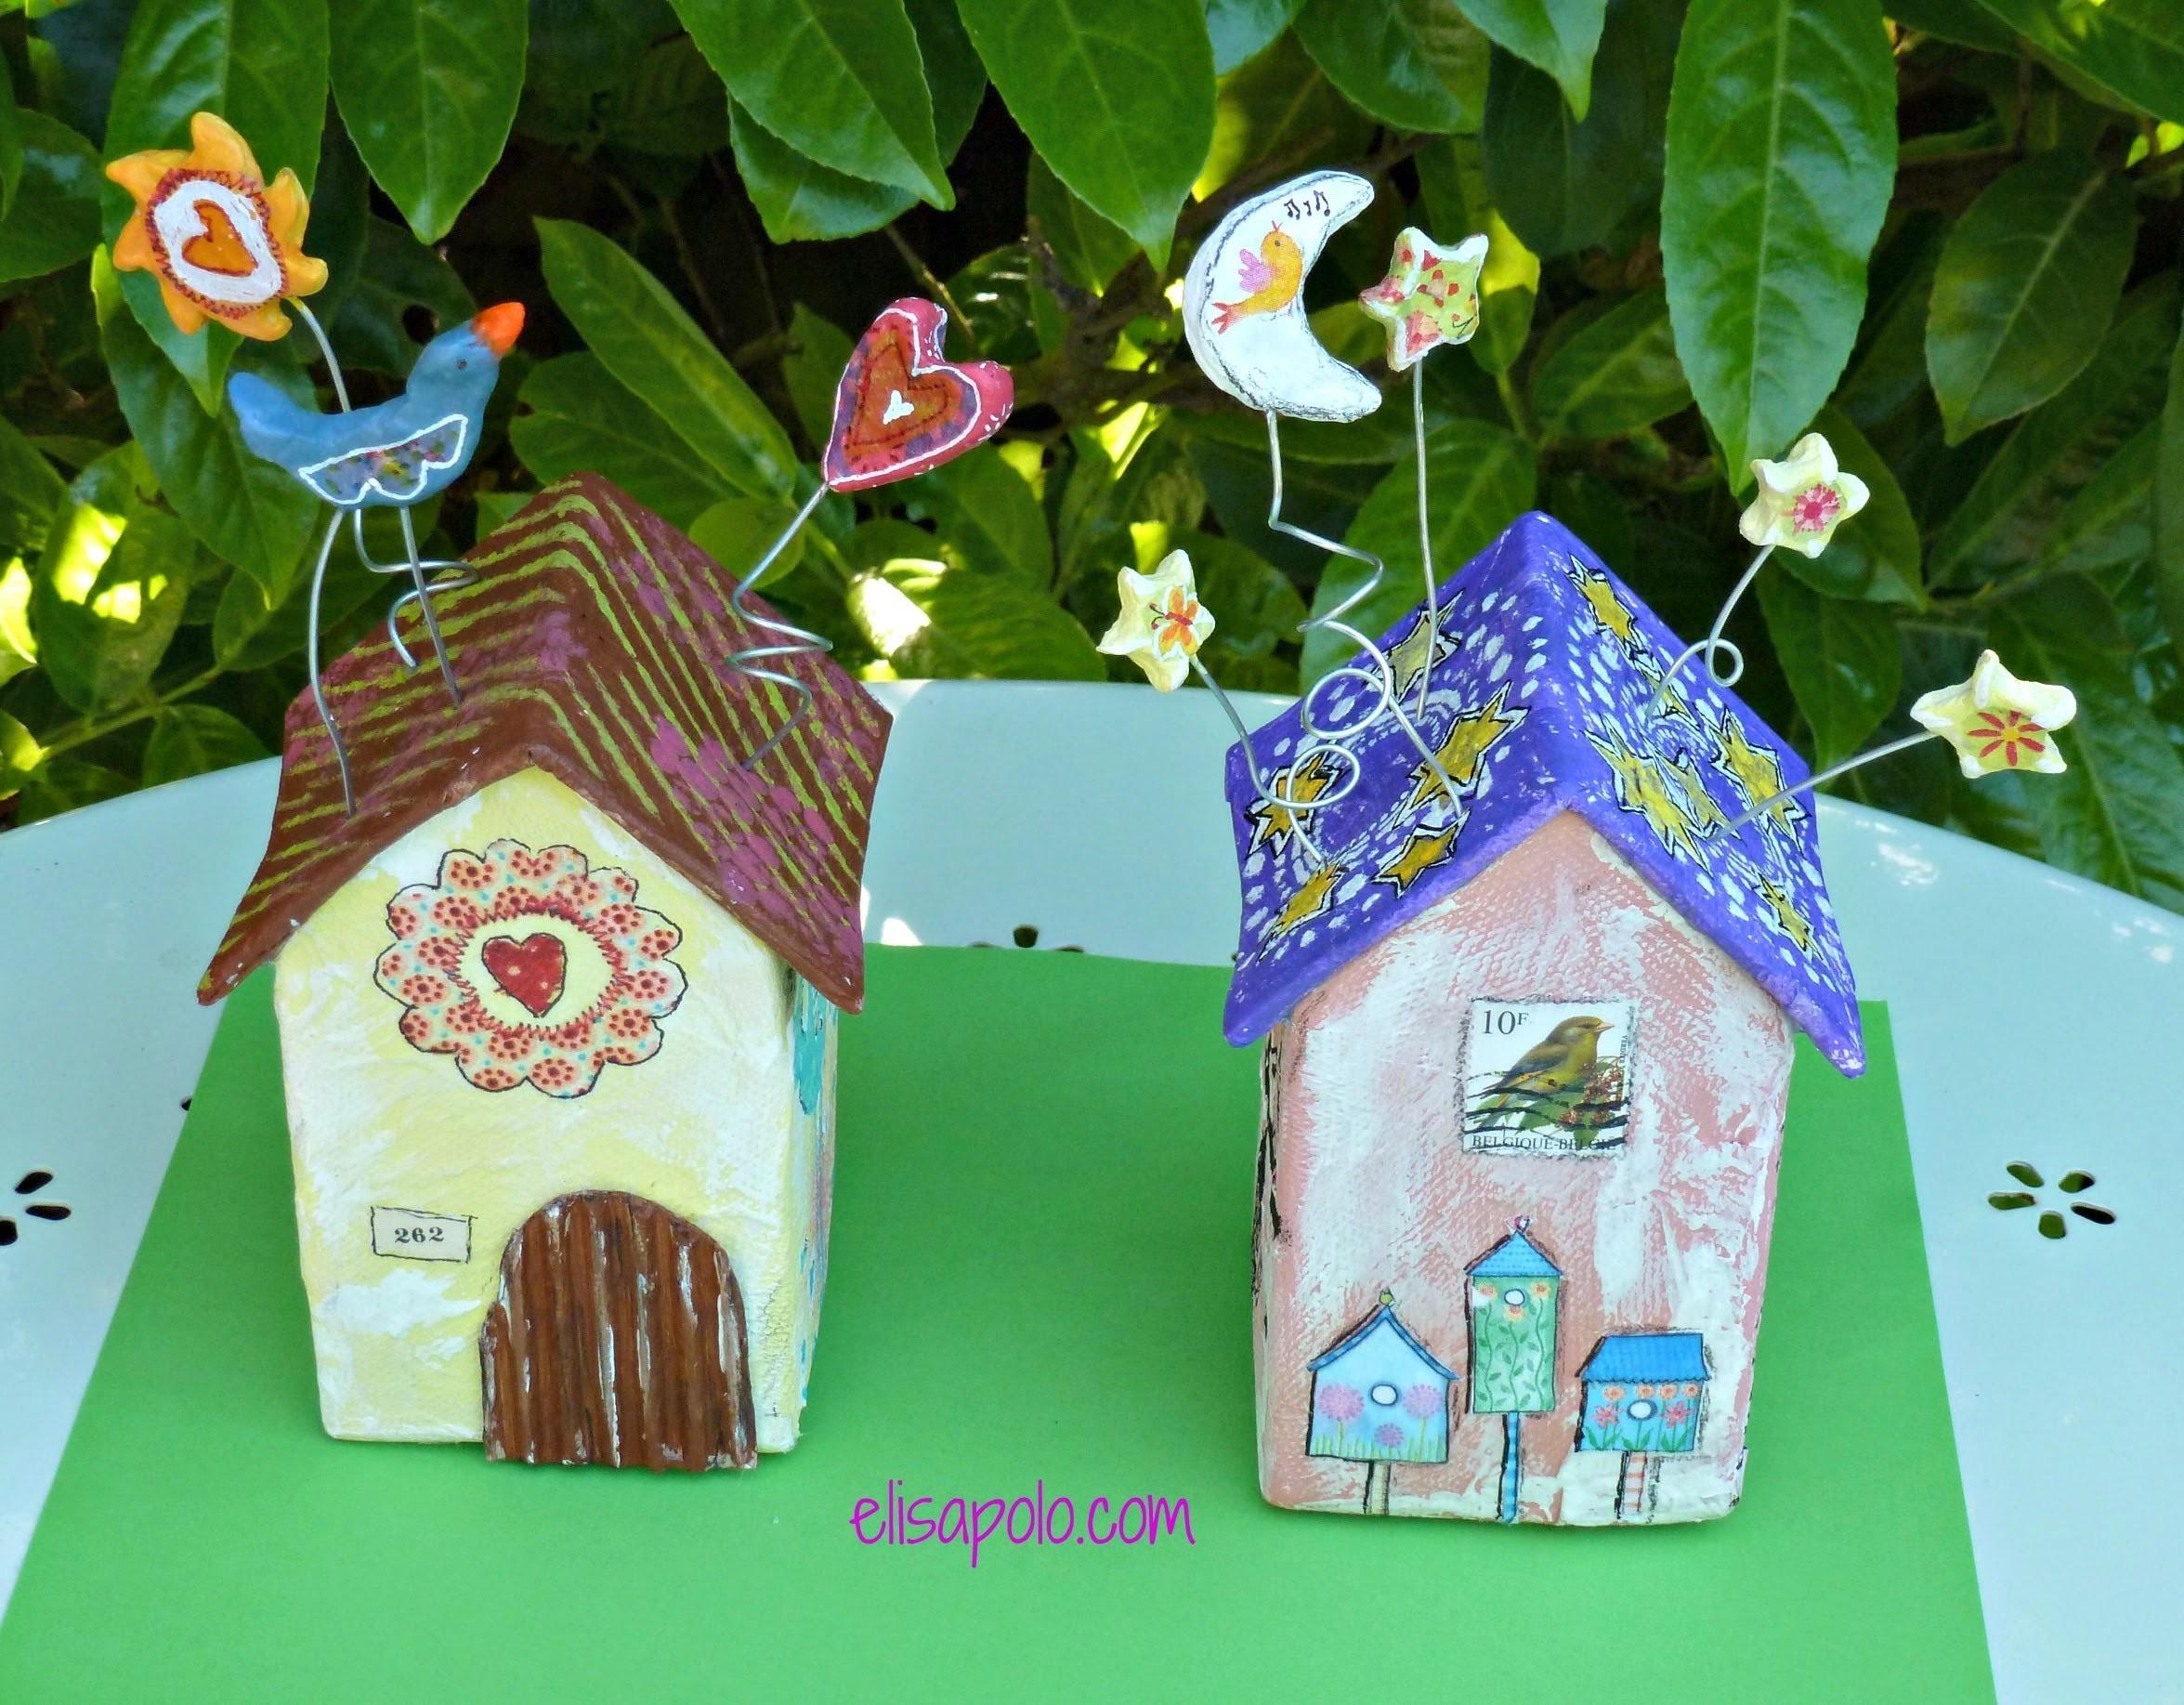 DIY, Birds House Crafts, Casita de Pájaros, Cómo hacer una Casita de Pájaros.